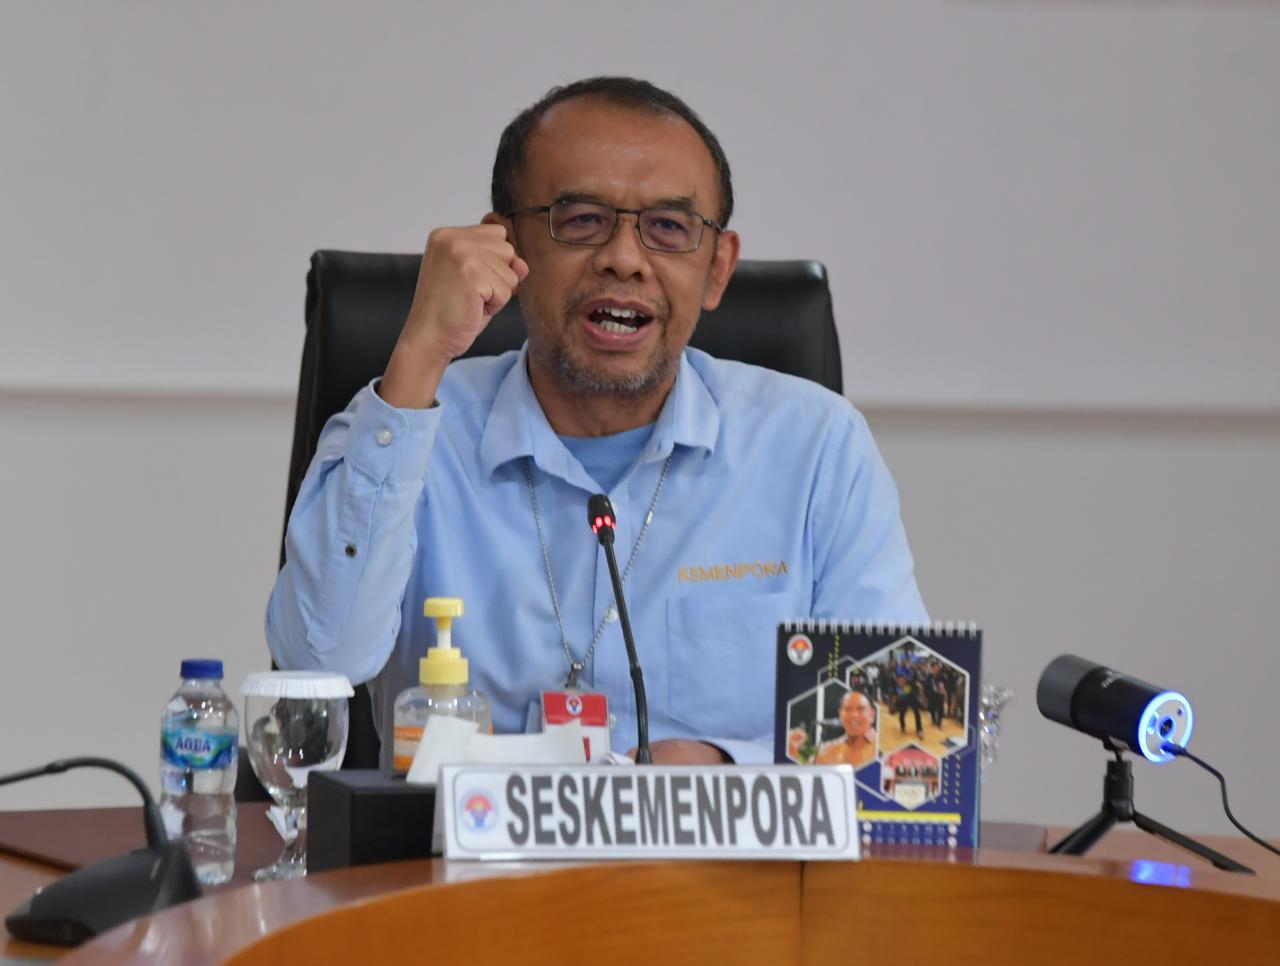 Sesmenpora Ingin Pemuda Indonesia Terus Berkreasi dan Kreatif di Tengah Pandemi